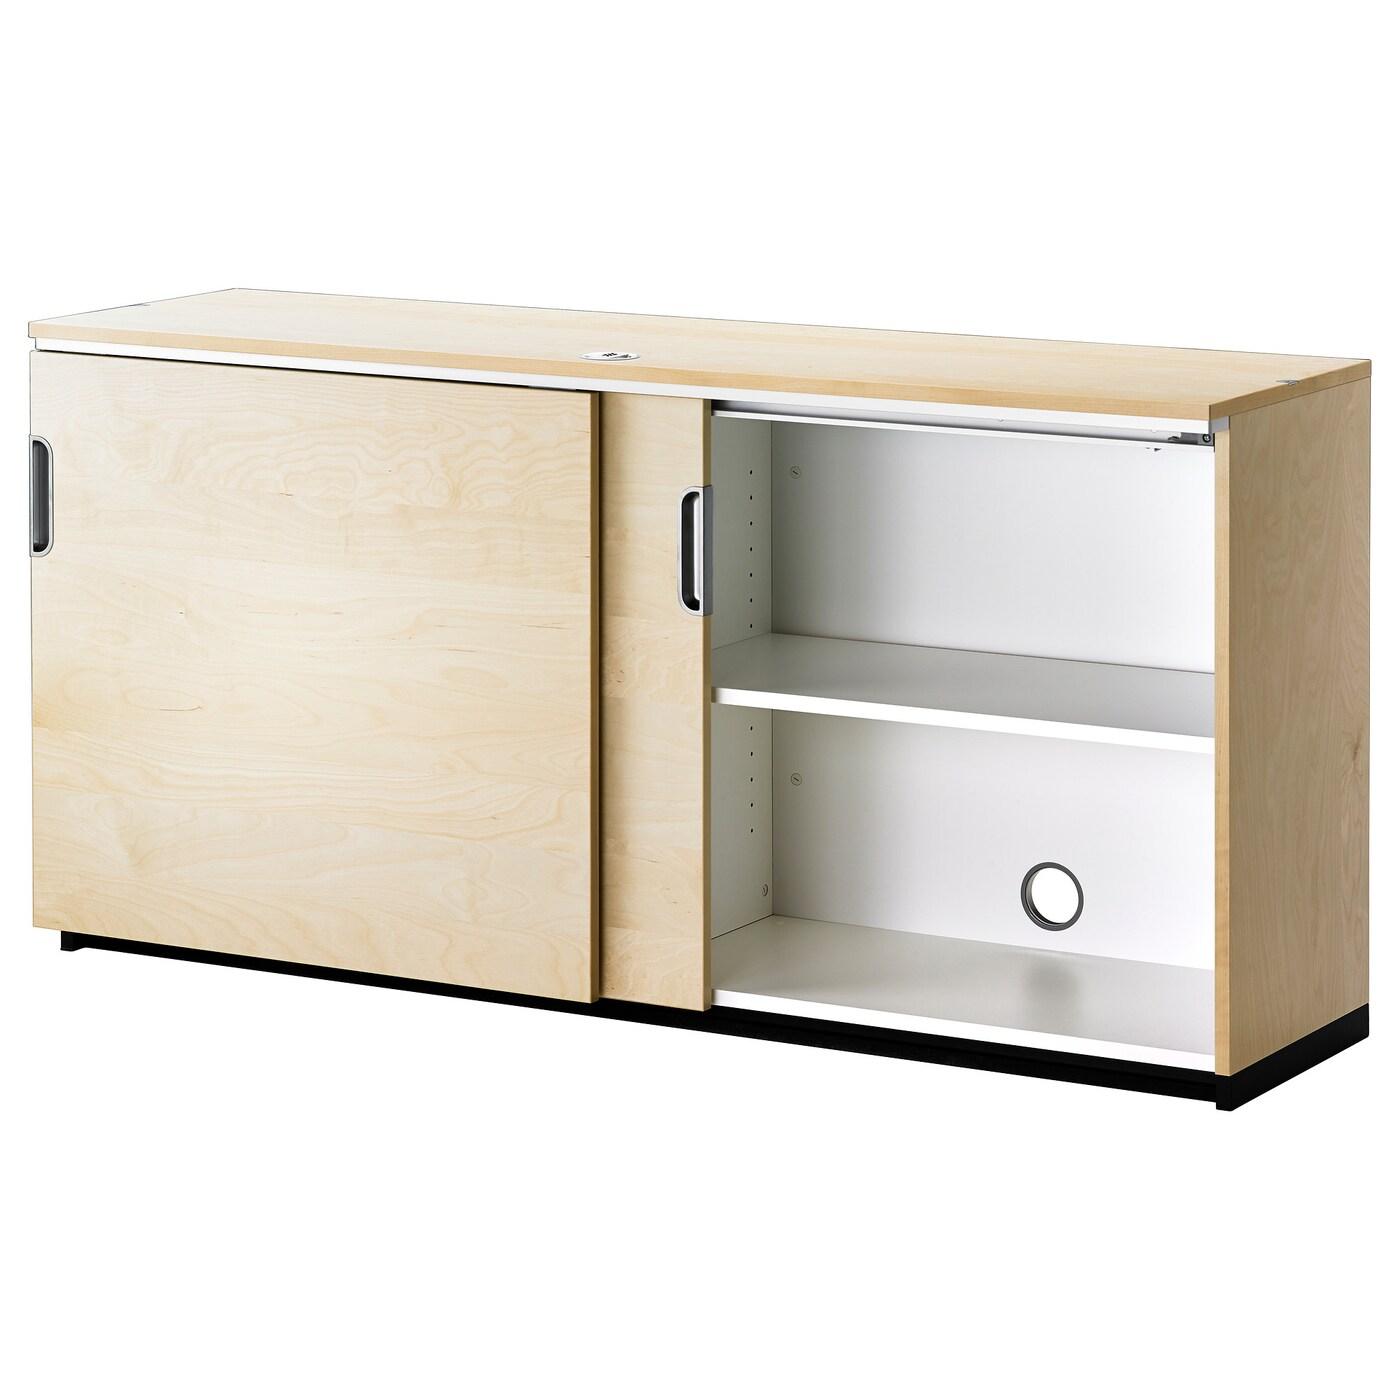 Galant Cabinet With Sliding Doors Birch Veneer 160 X 80 Cm Ikea